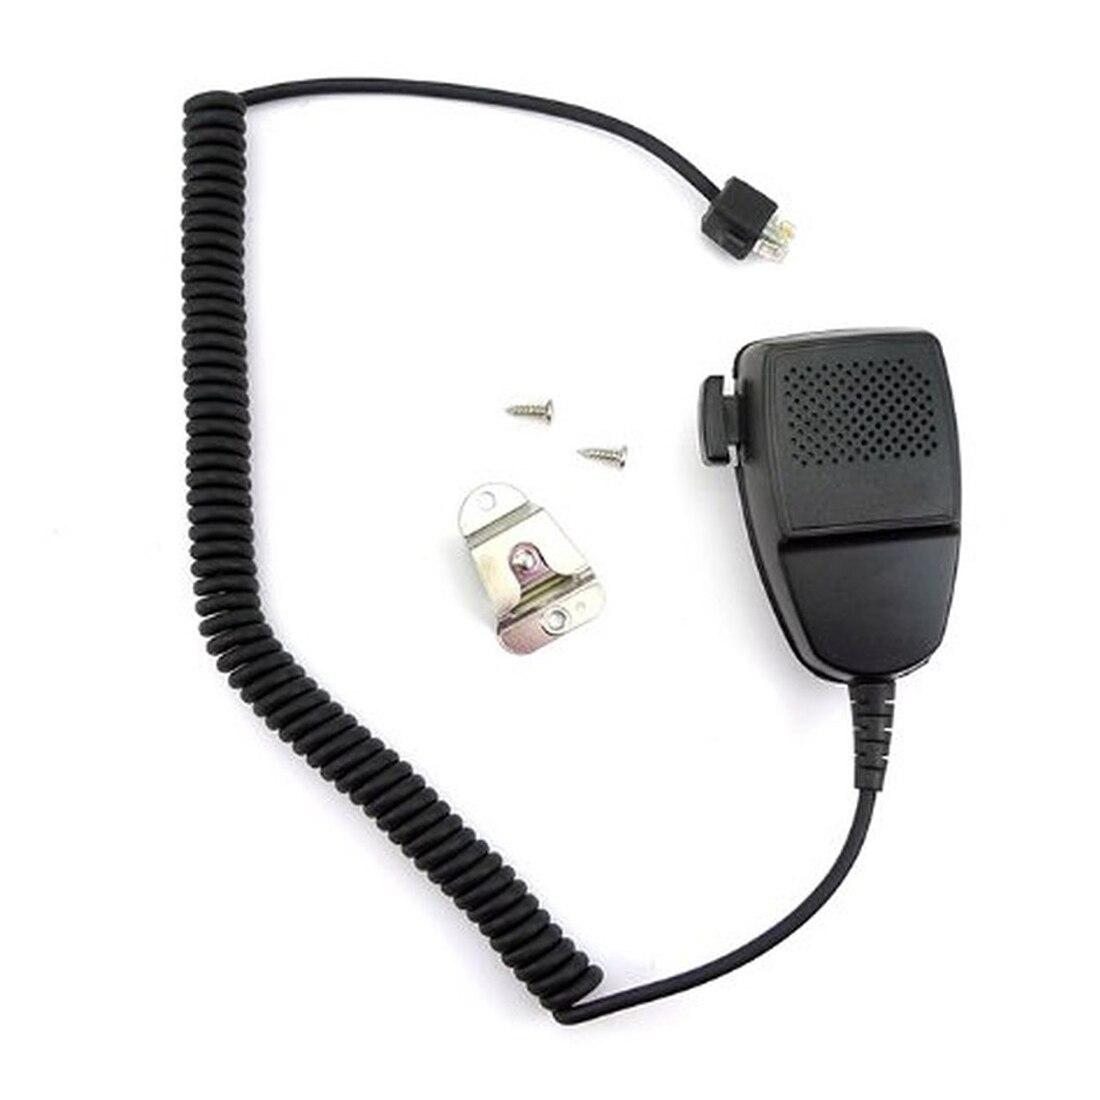 Лучшие предложения Новый 8 контактный динамик микрофон для M otorola Интерком радио автомобильное мобильное радио GM300 GM338 GM950 HMN3596A Микрофоны      АлиЭкспресс